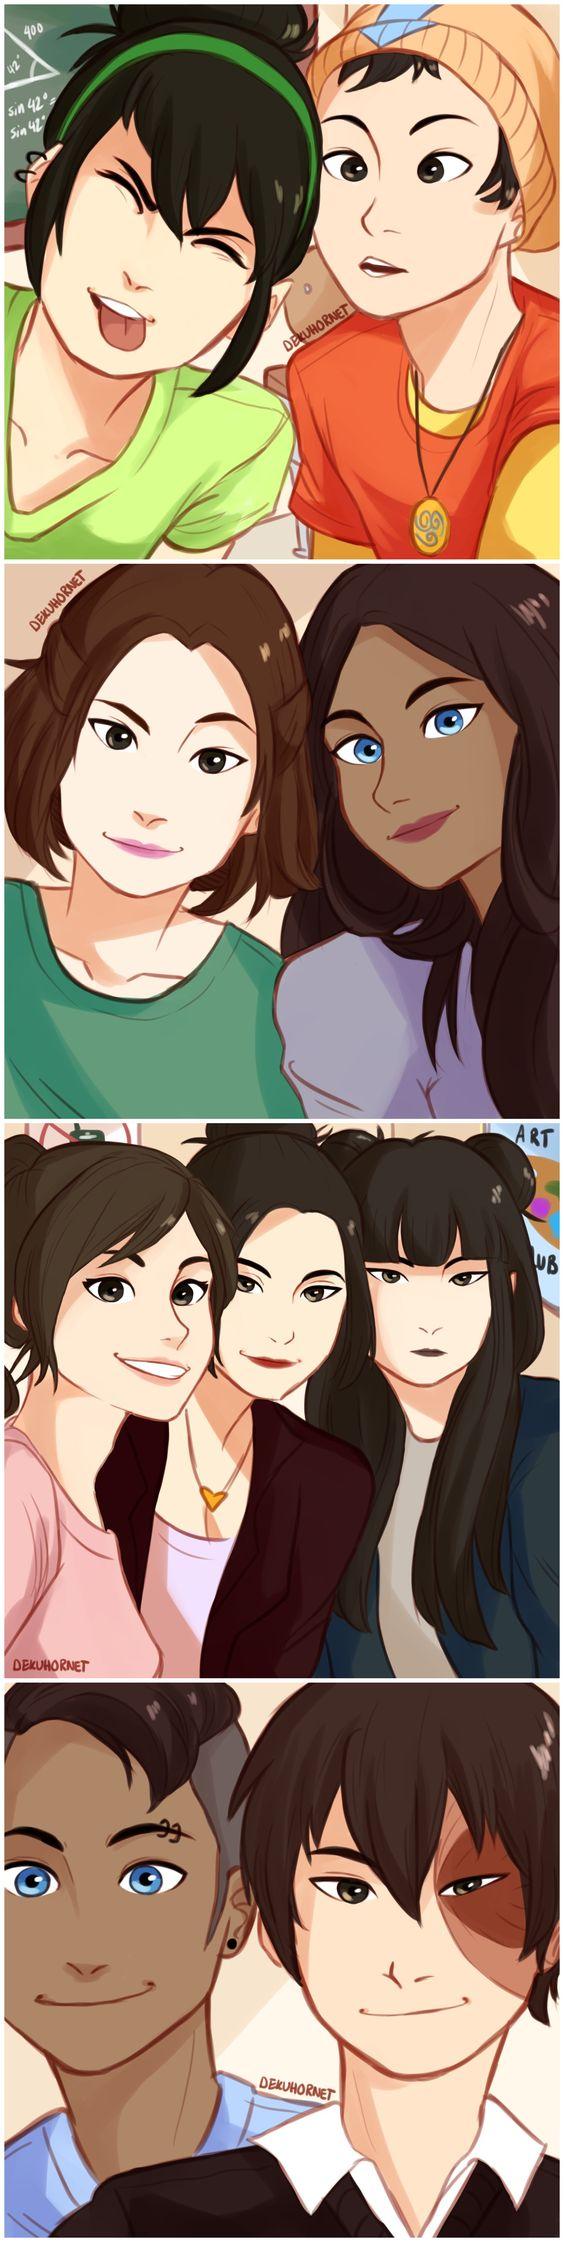 some modern au selfies at school